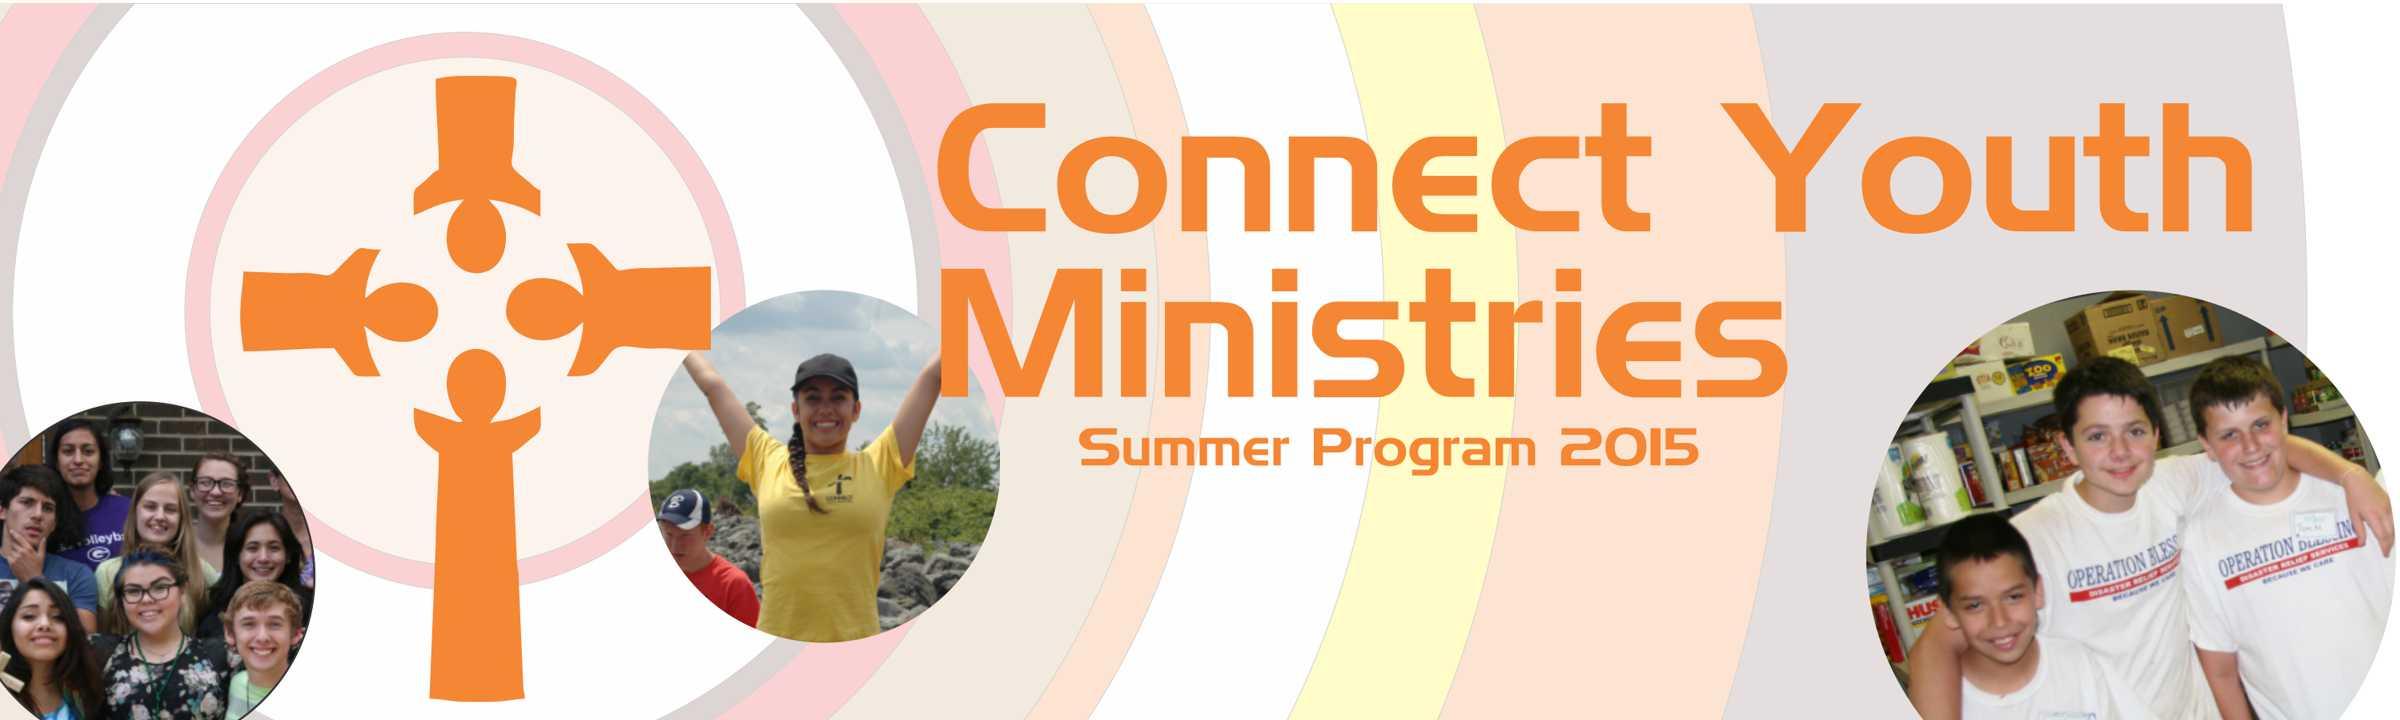 Summer Program Banner 3